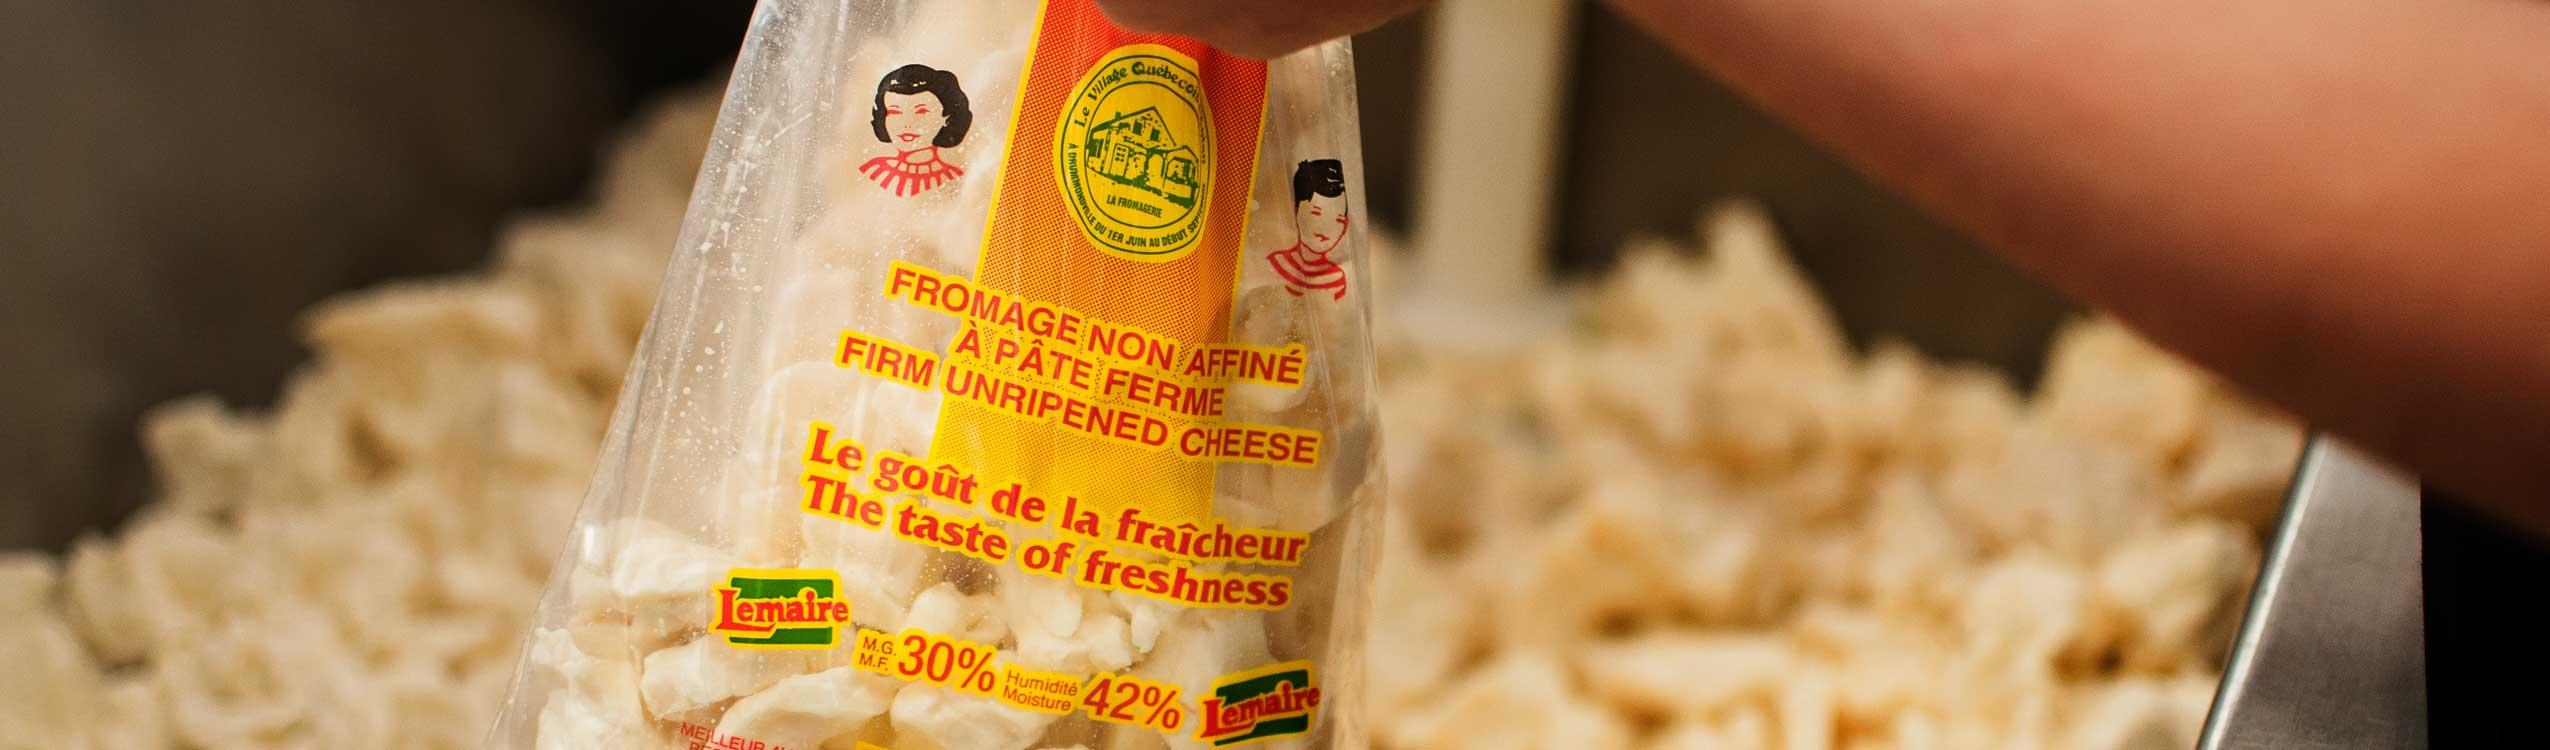 Fromage frais du jour Fromagerie Lemaire